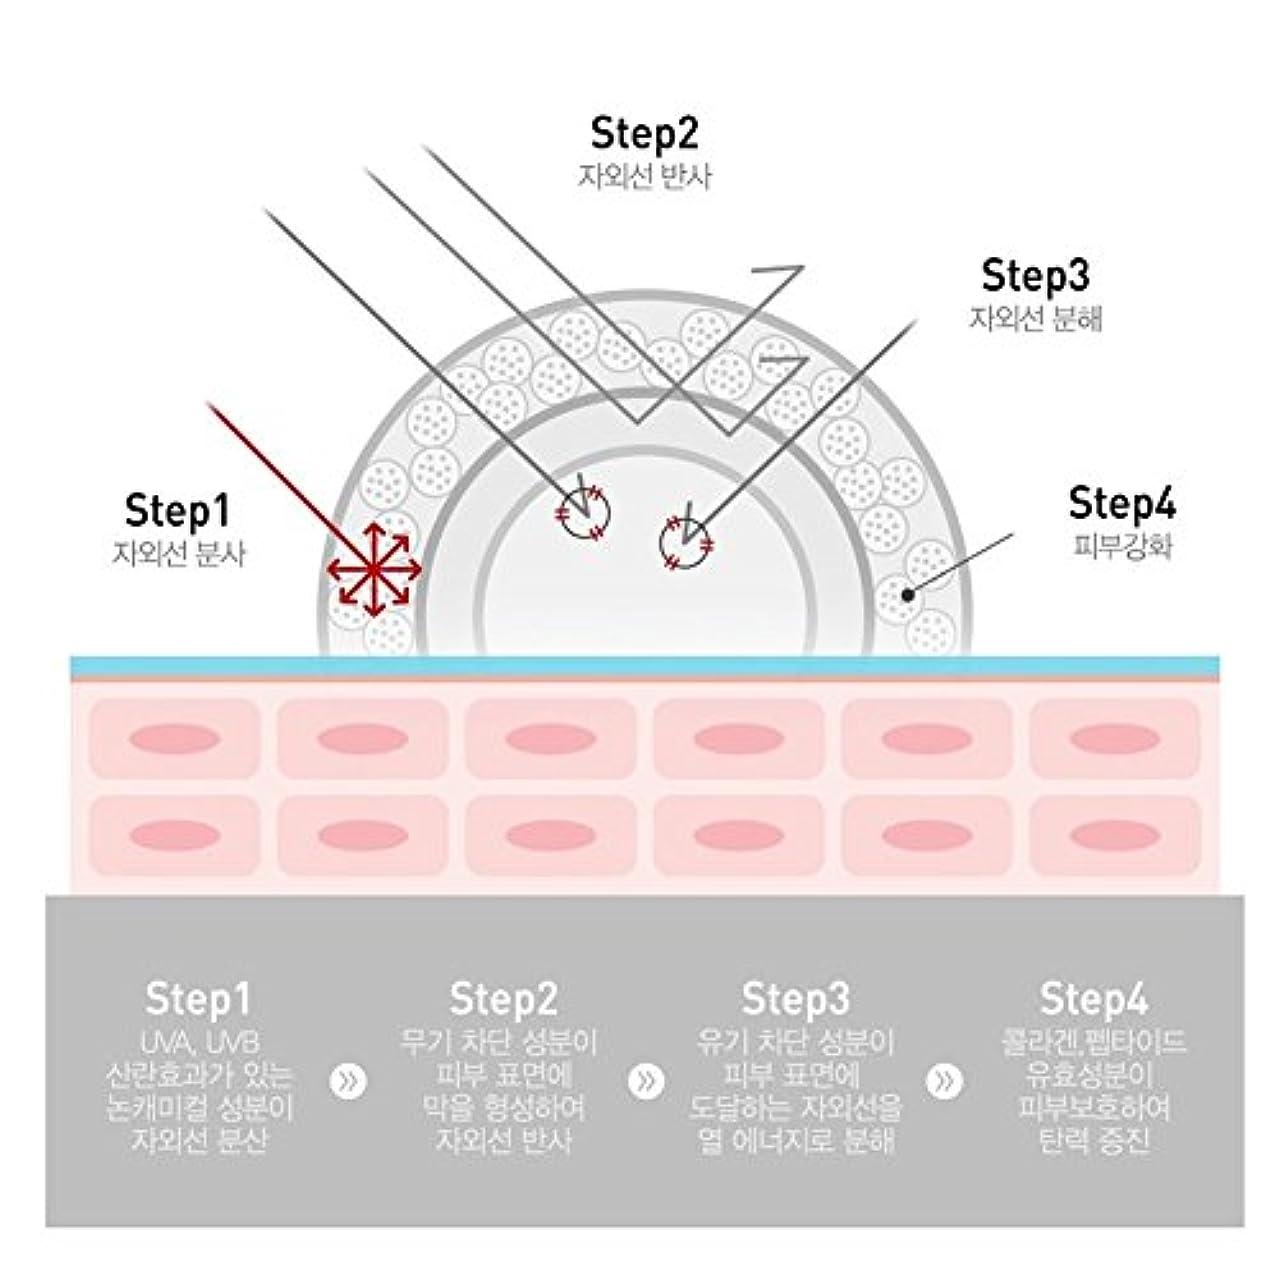 やけど腸自然セルピュチョンCレーザーサンスクリーン100(SPF50+/PA+++)50ml、Cell Fusion C Laser Sunscreen 100 (SPF50+ / PA+++) 50ml [並行輸入品]